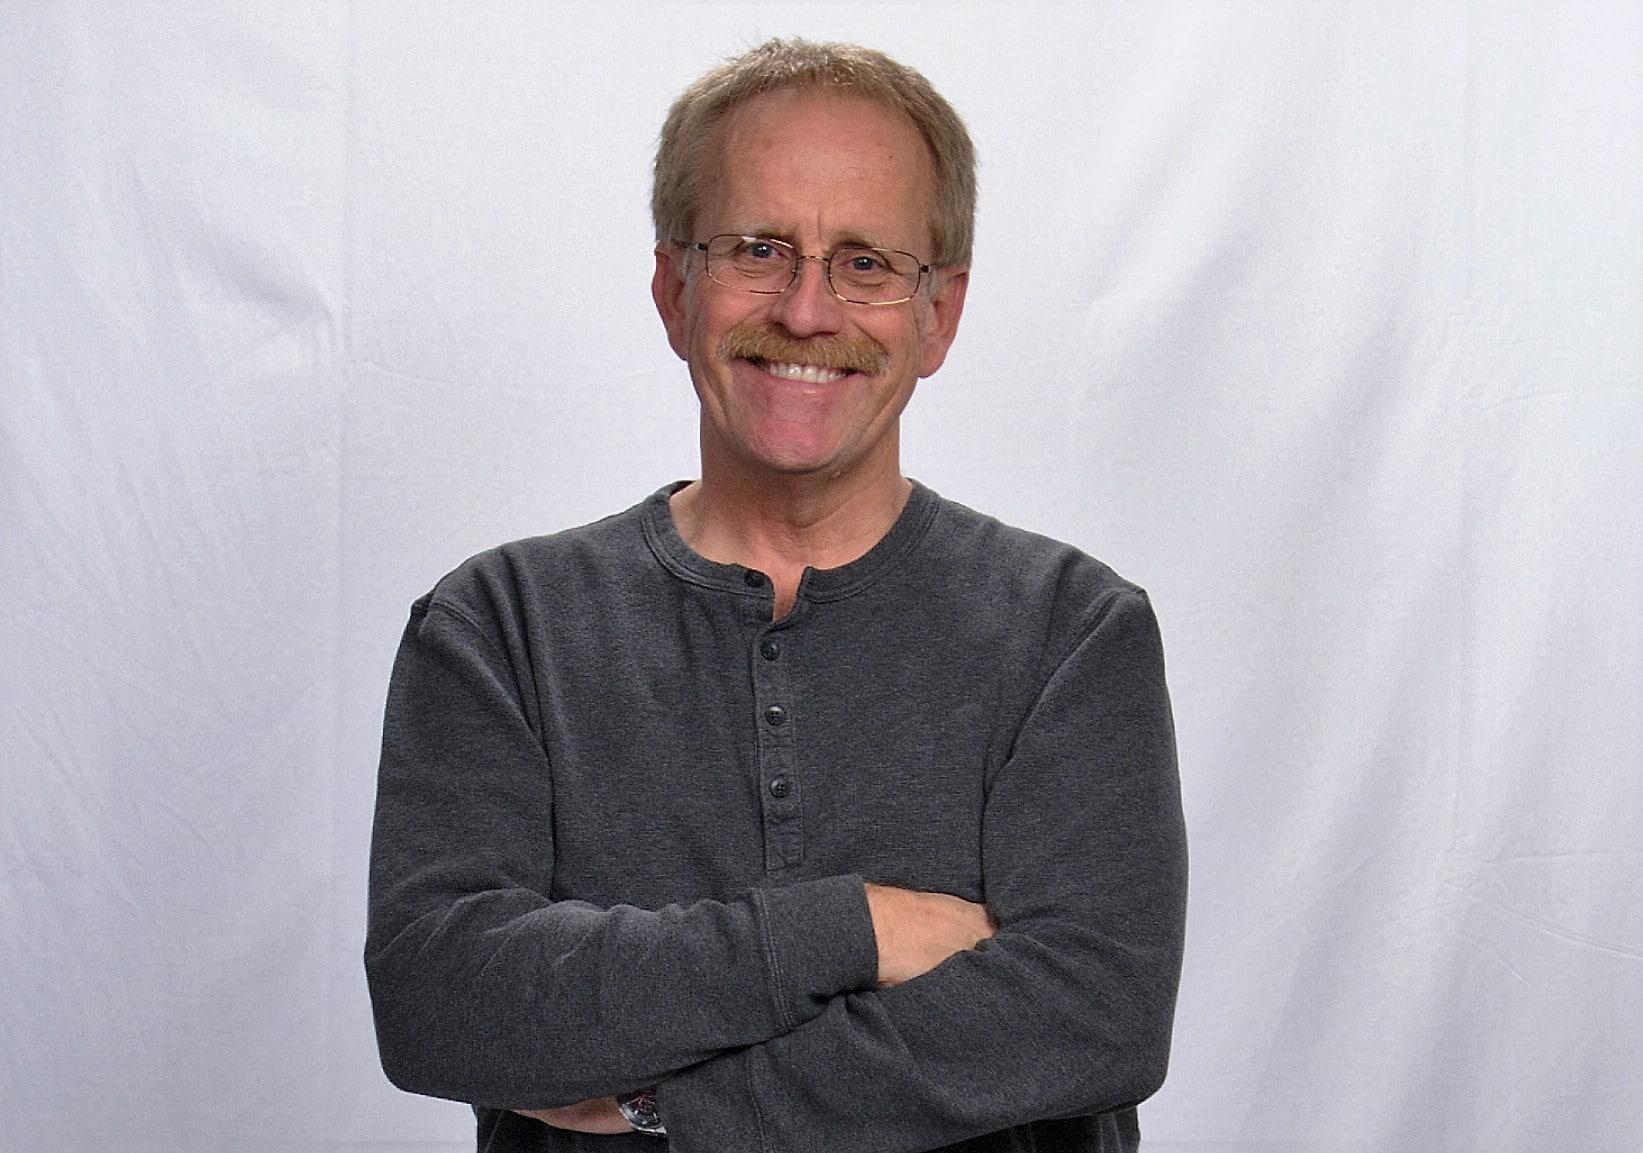 Jim Photo 1 - Jim Fishinger